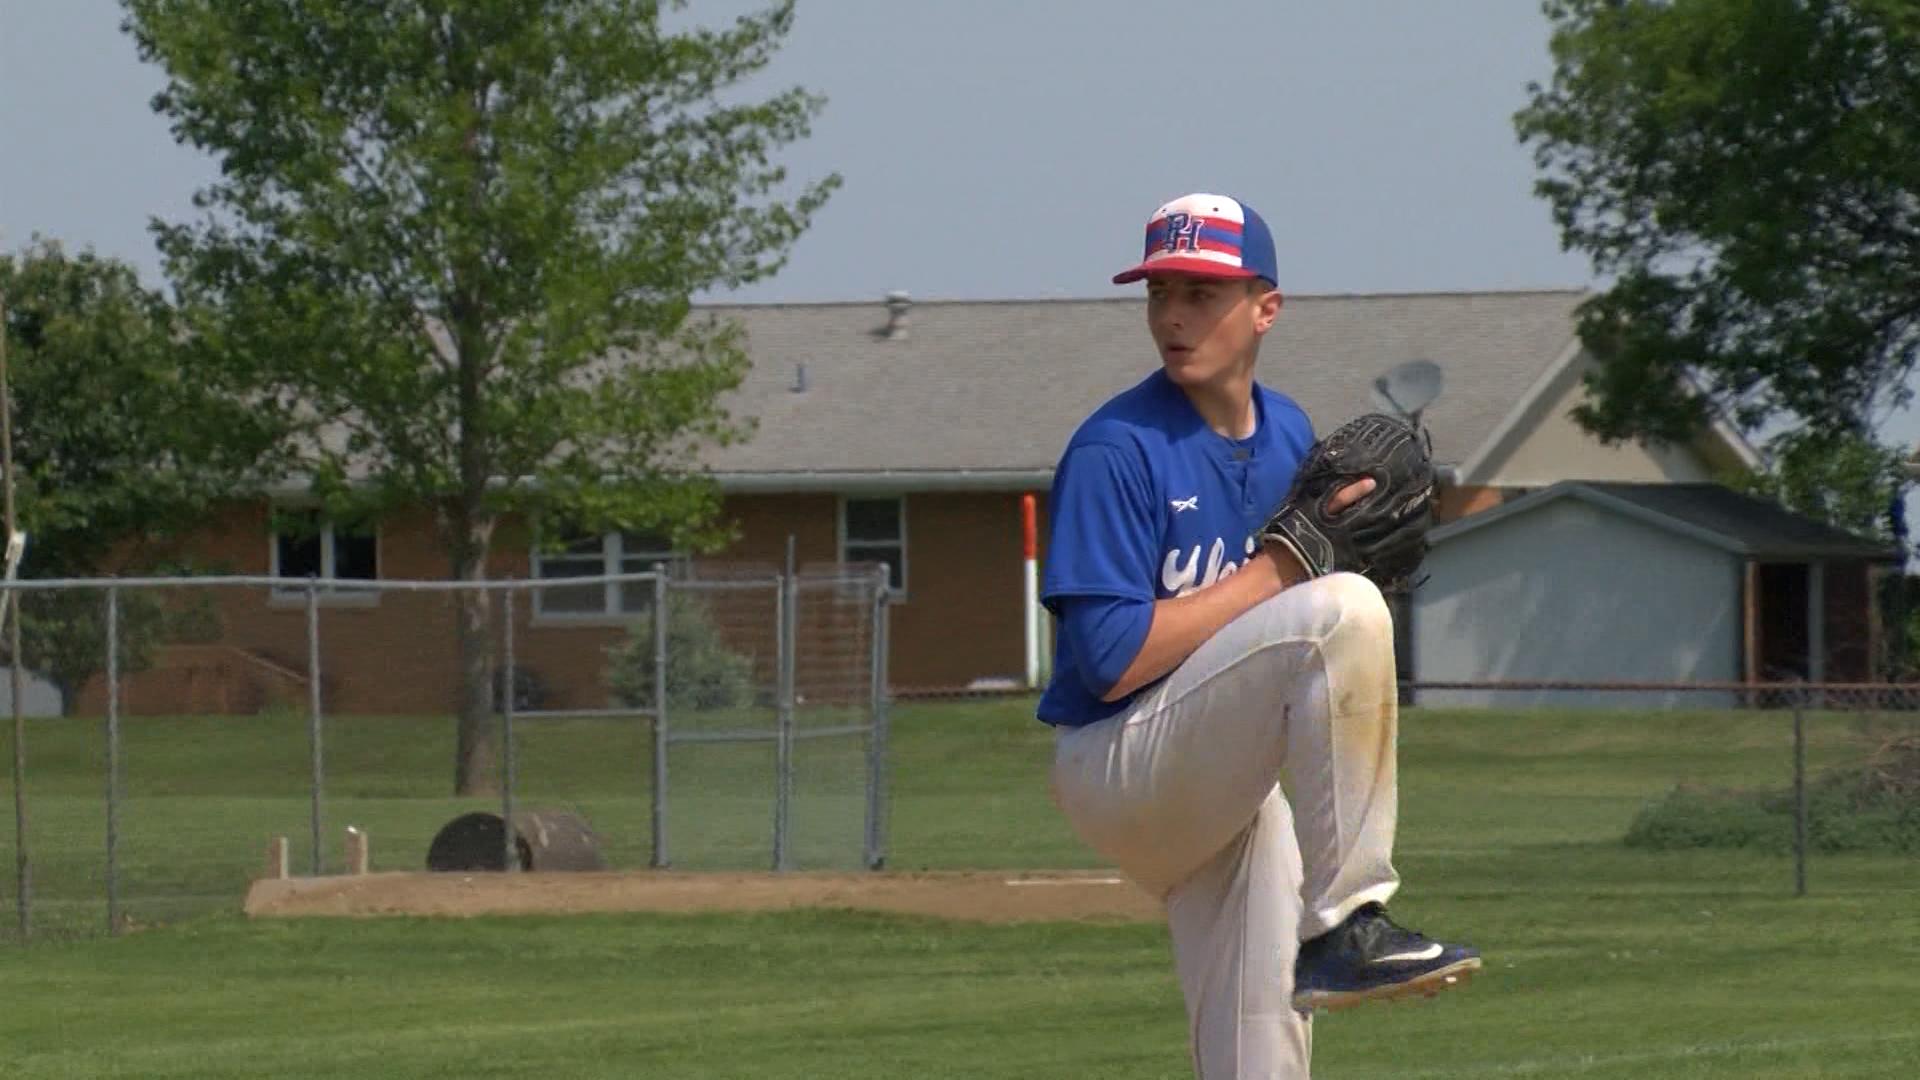 Blake Begner pitching (Peo Hts)_1495168041009.jpg